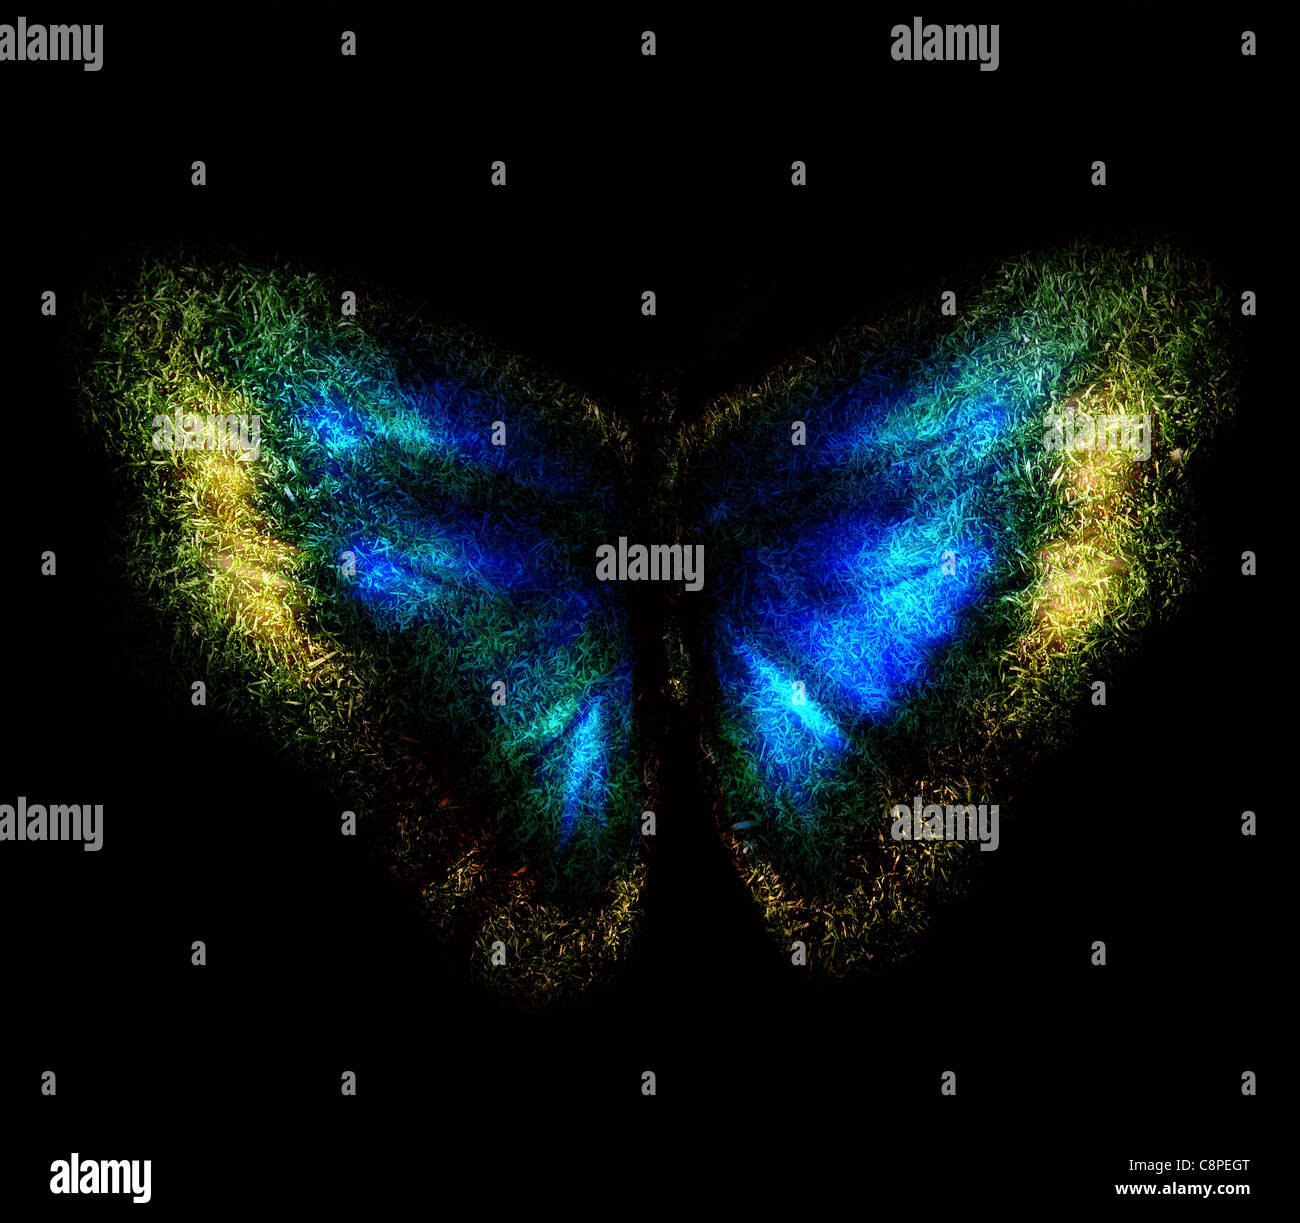 Blaue abstrakte Schmetterling auf einem schwarzen Hintergrund Stockbild